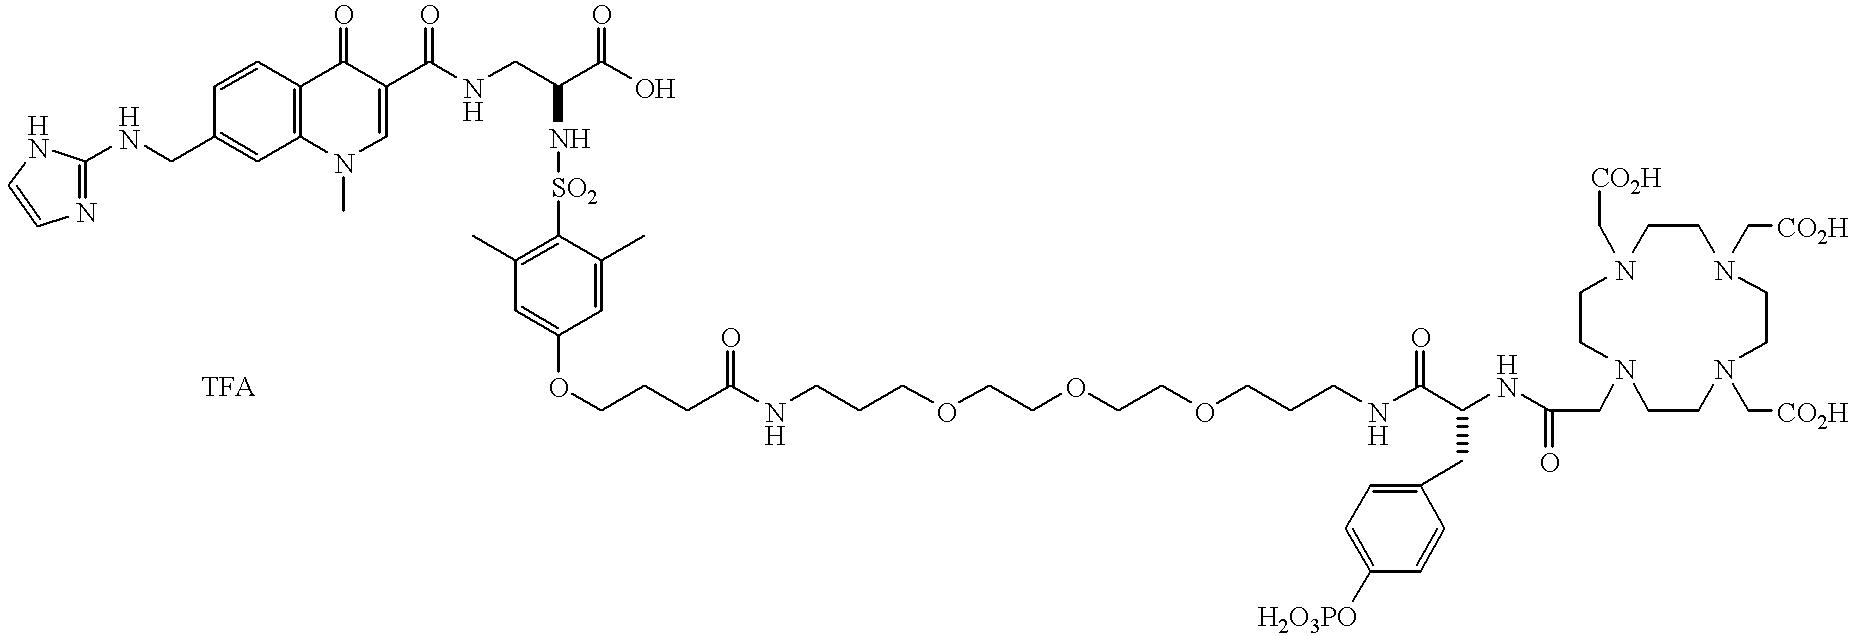 Figure US06683163-20040127-C00085